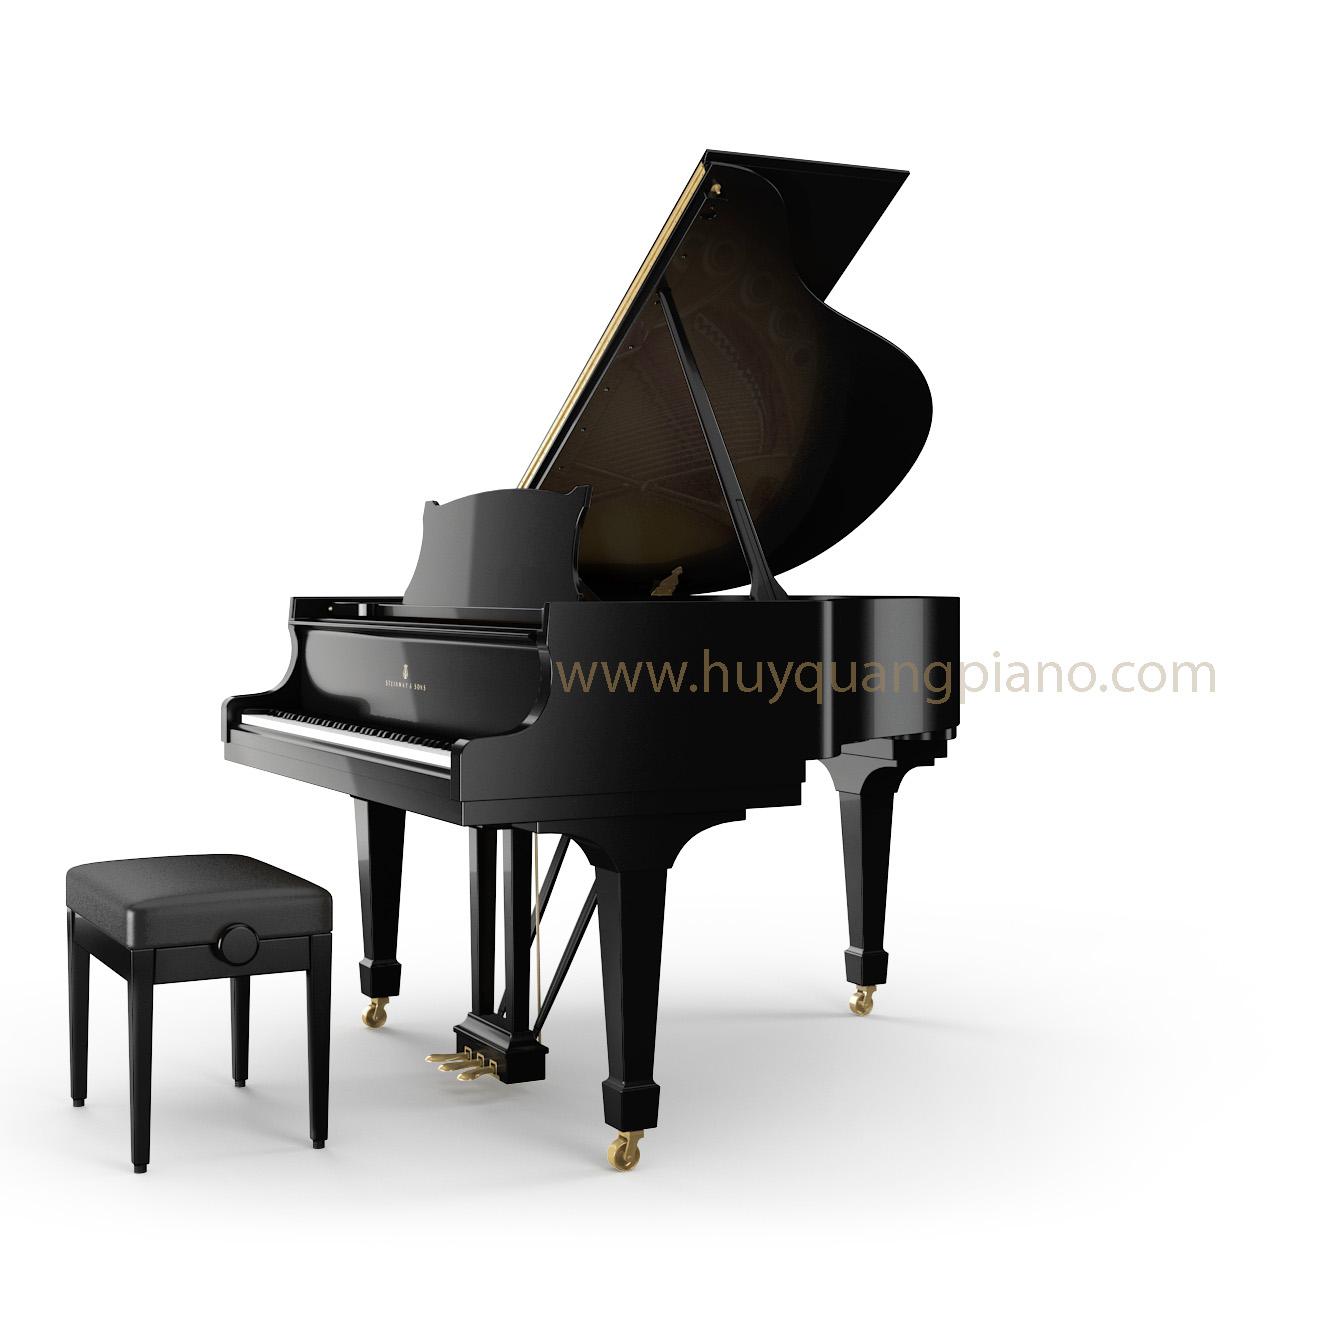 Đàn đại dương cầm Steinway & Sons - Model S155